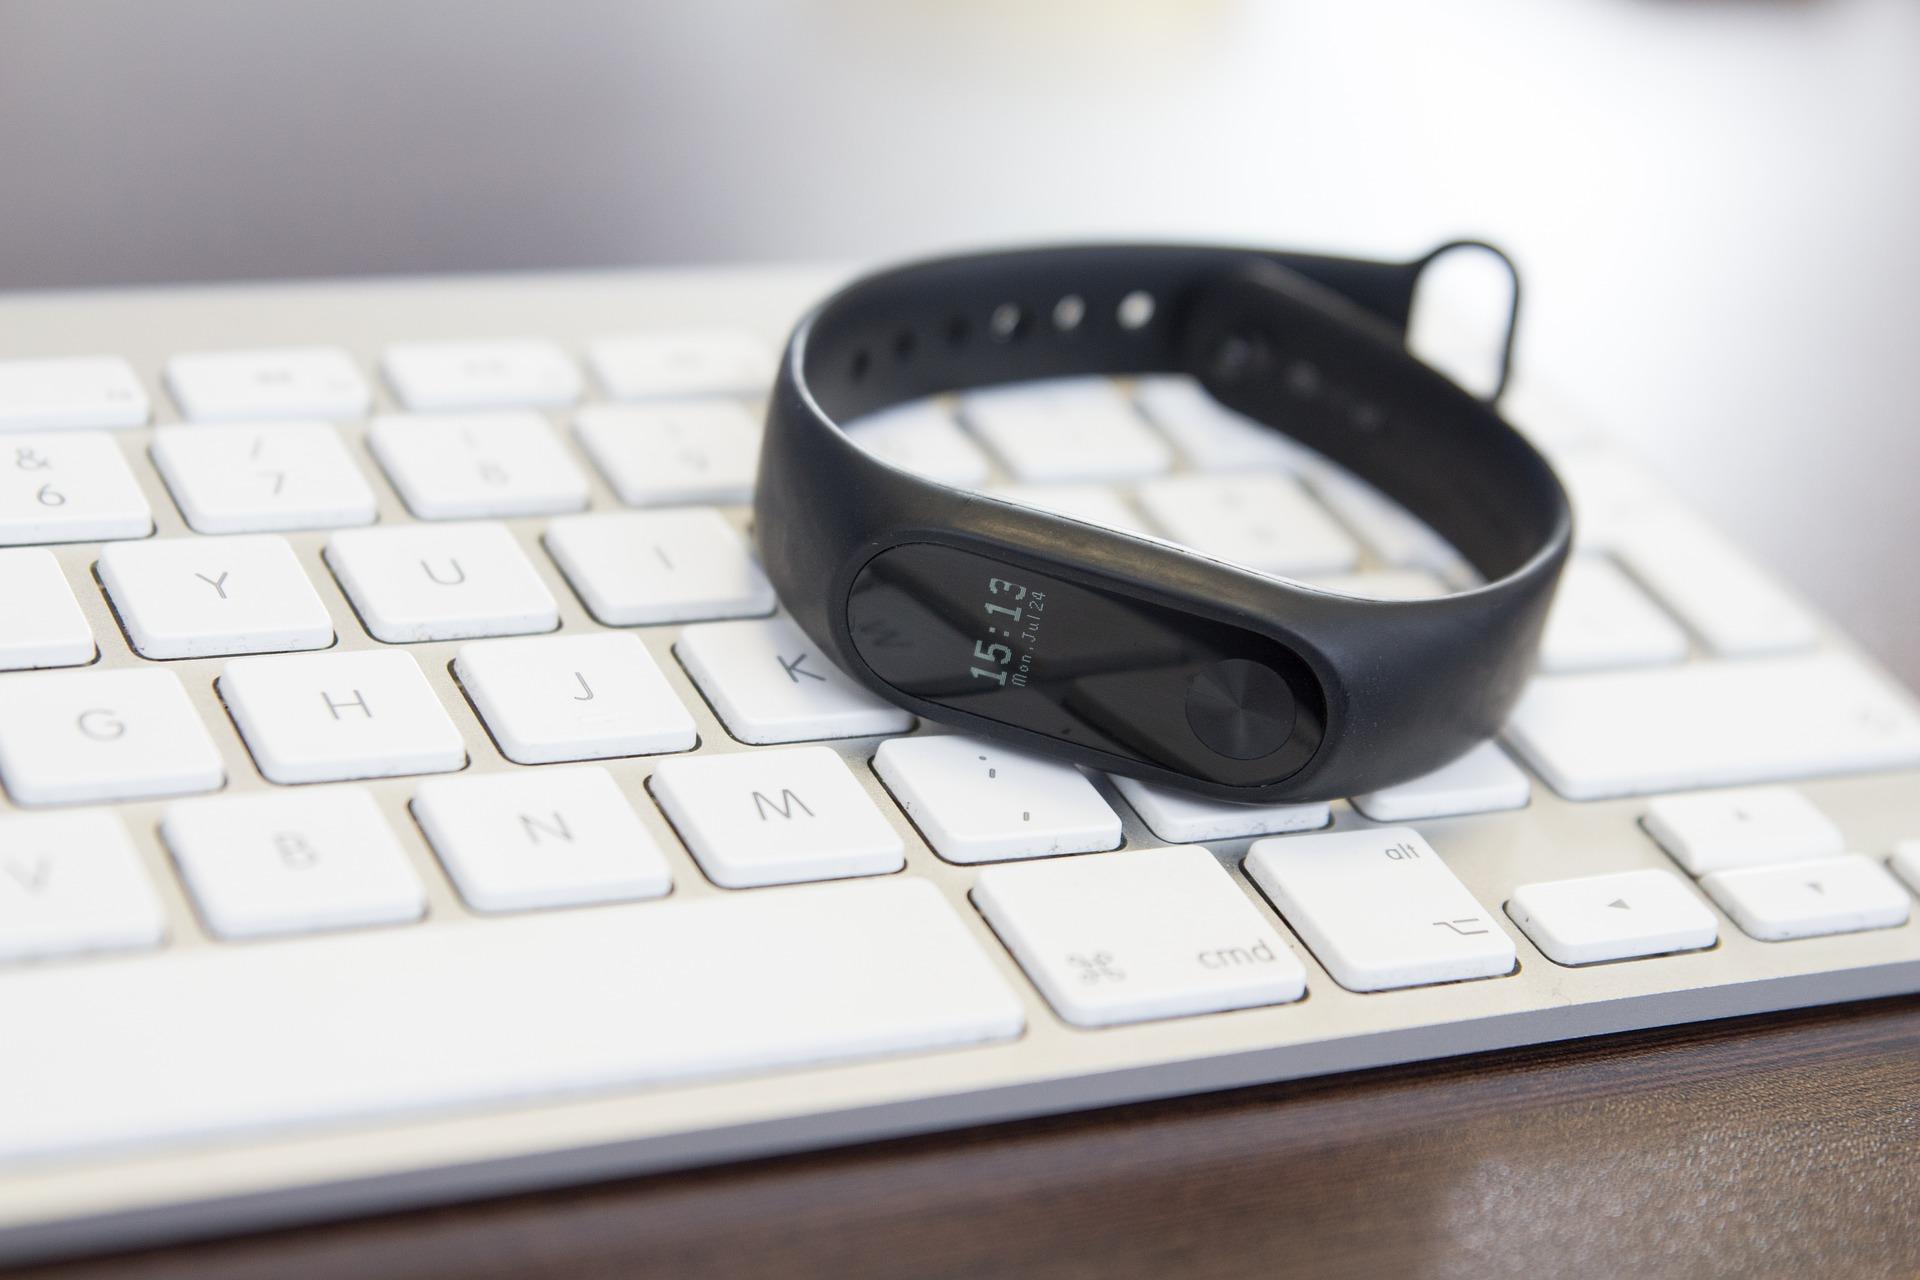 Smartwacth xiaomi sobre teclado blanco